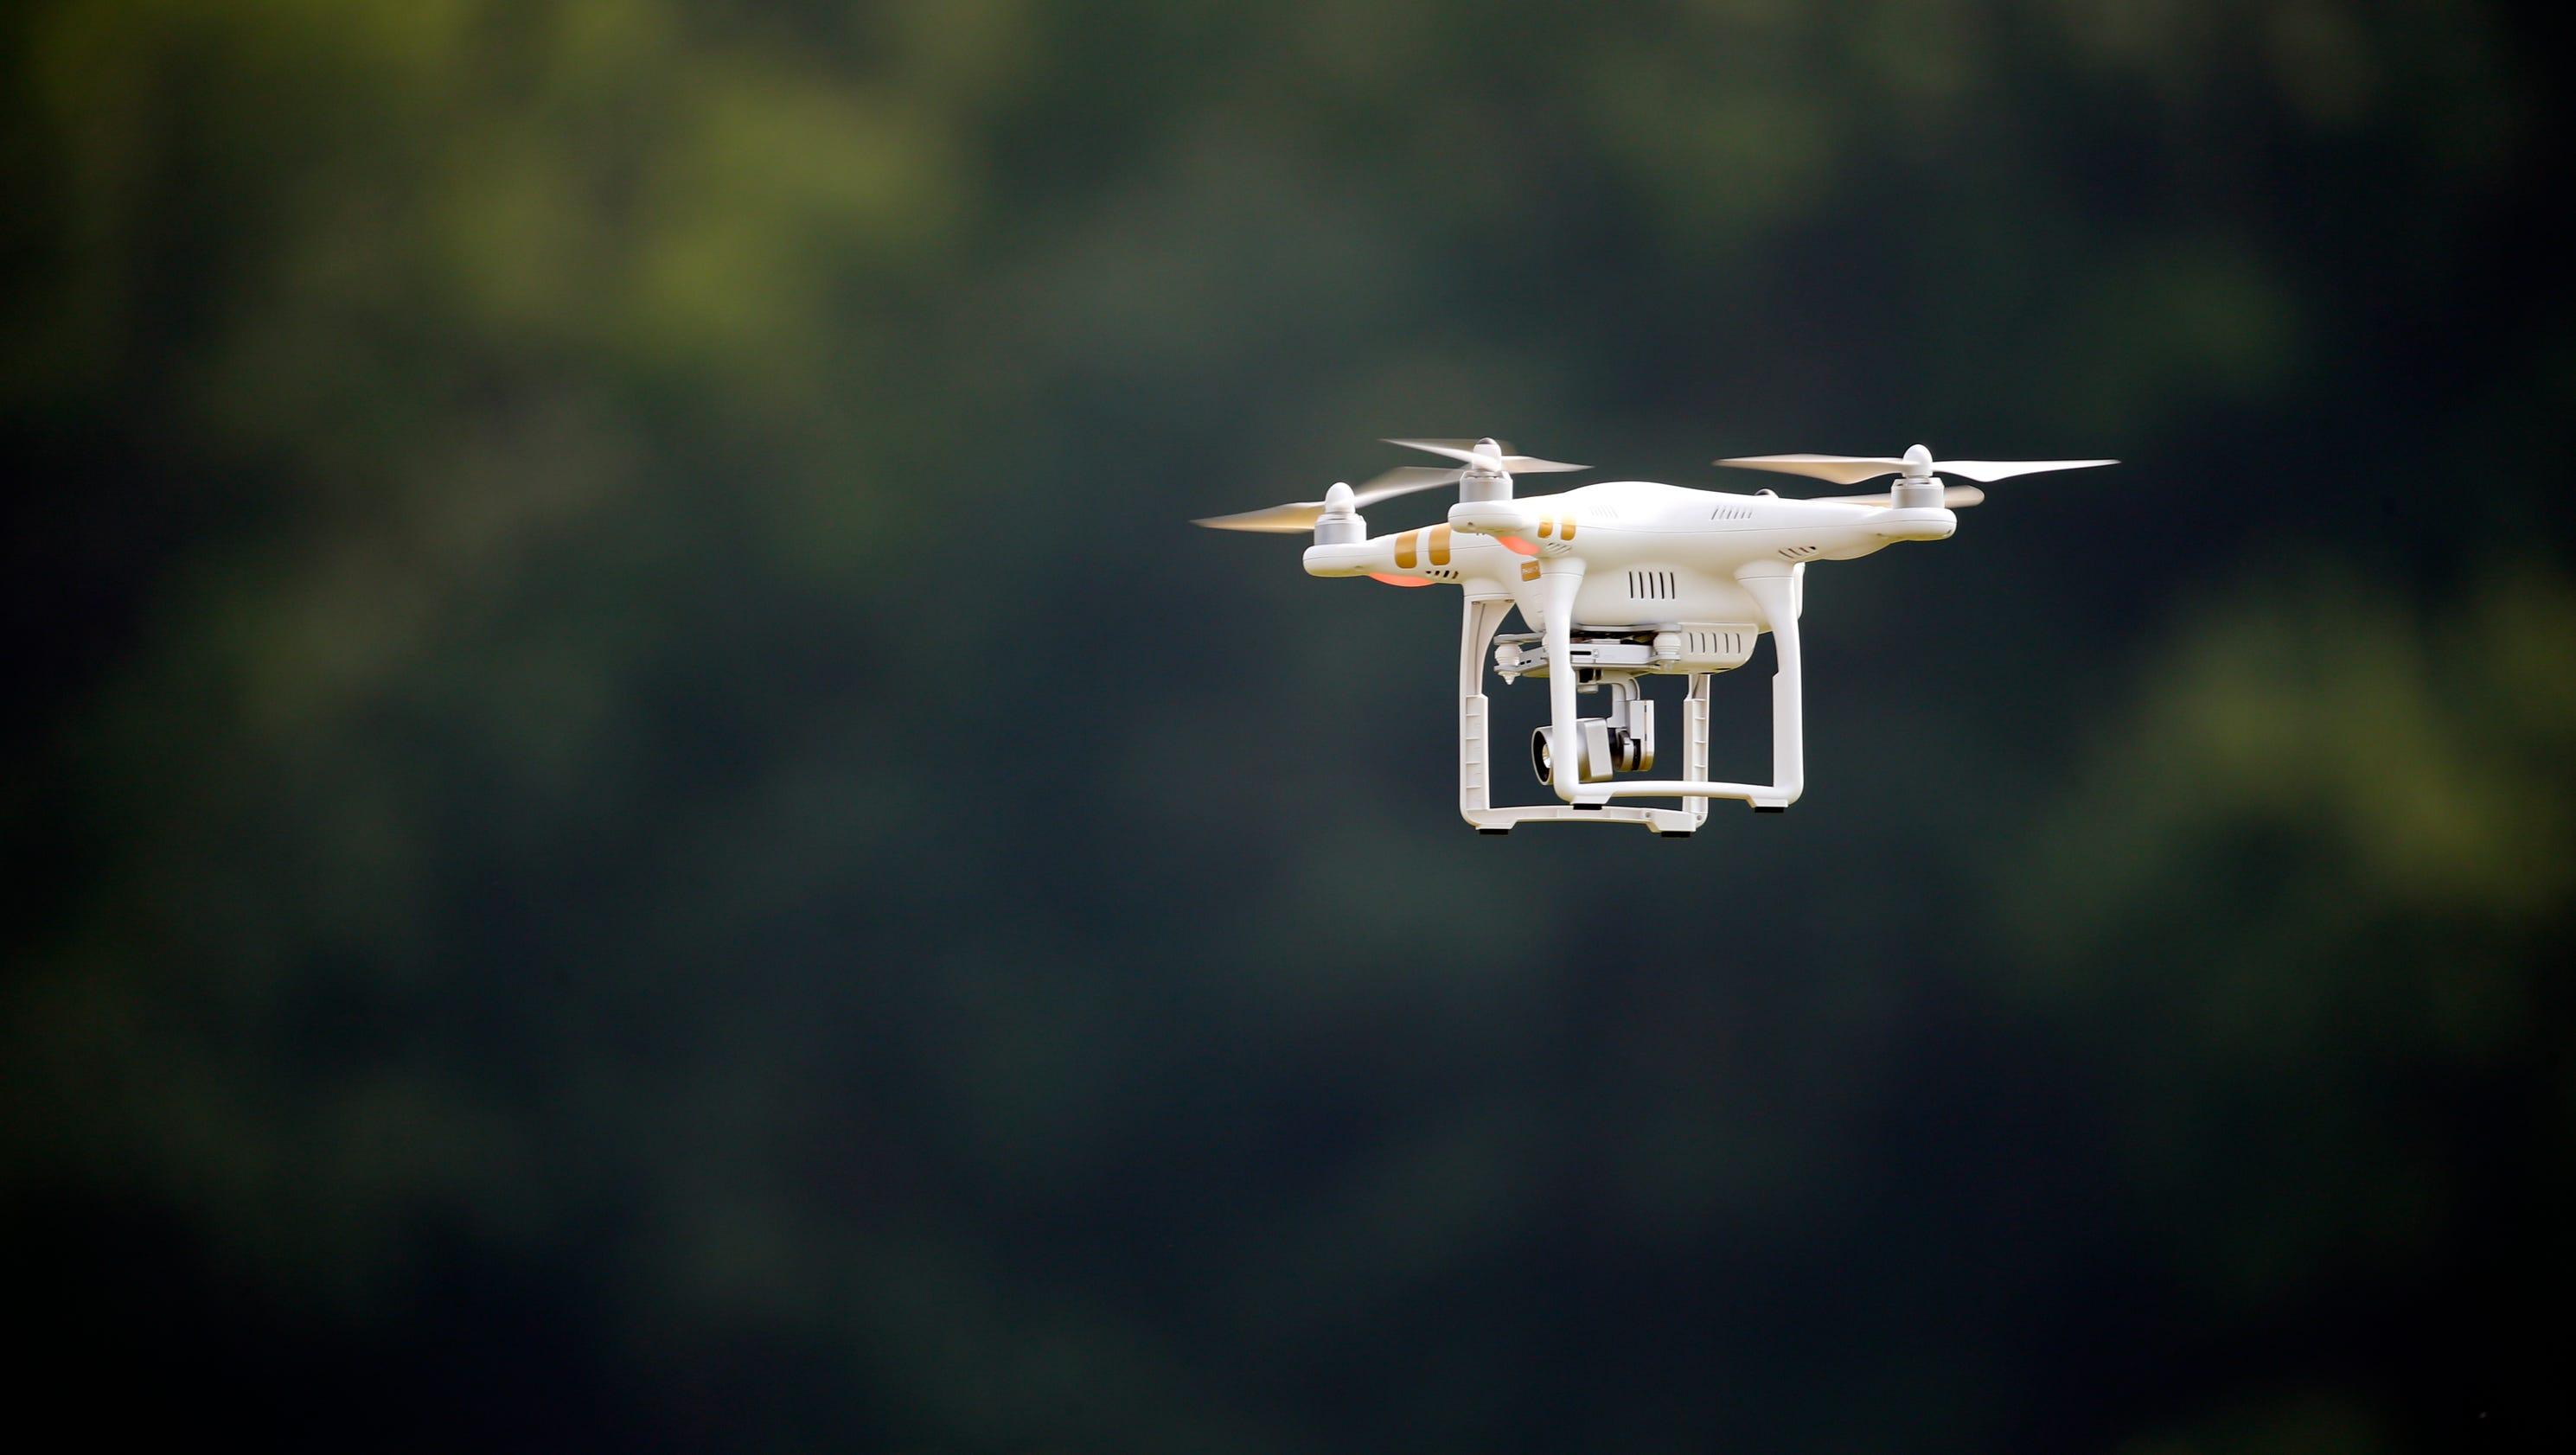 walmart wants amazon like delivery drones